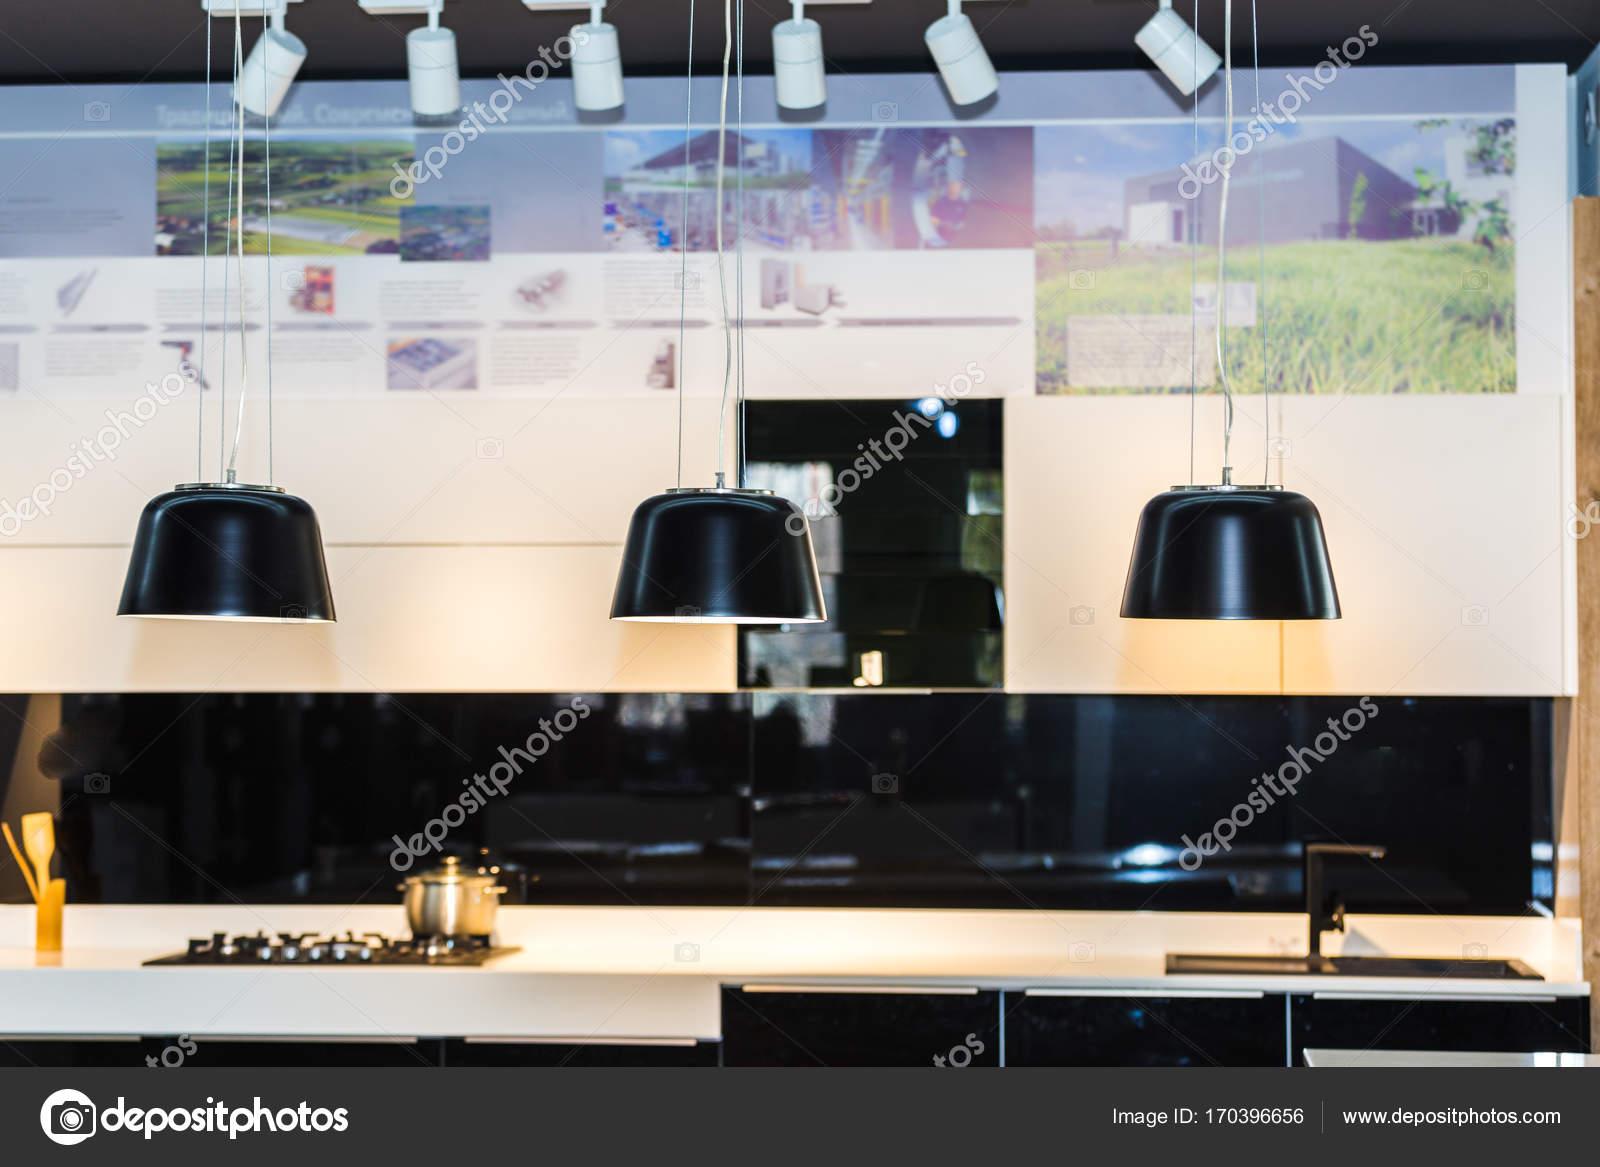 Hängende Beleuchtung für Küche — Stockfoto © AlesMunt #170396656